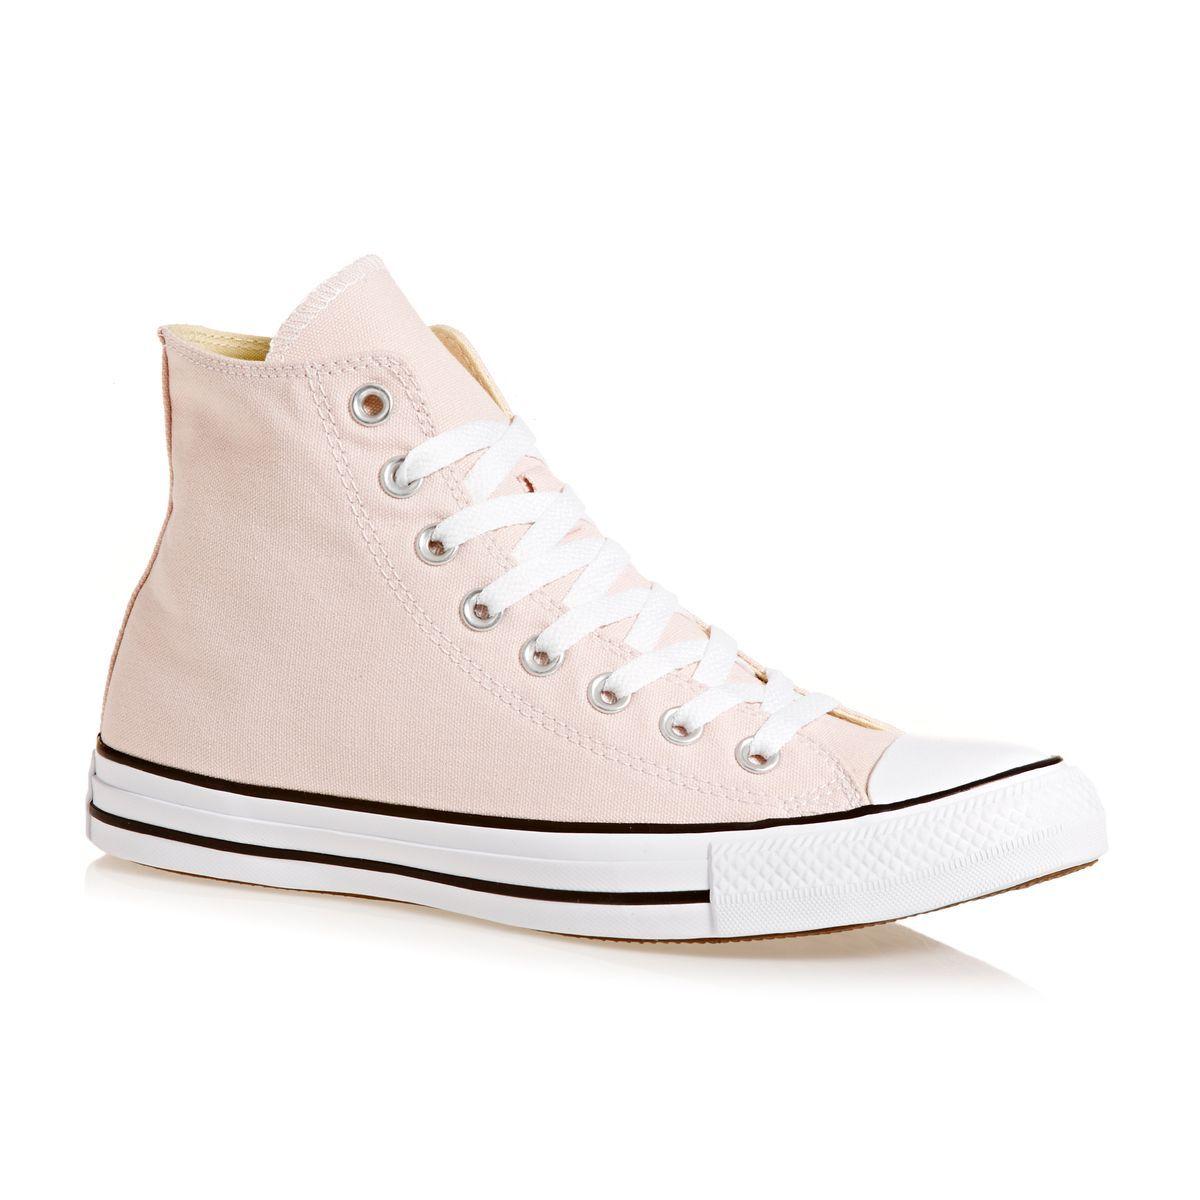 Chaussures Converse CTAS grises Fashion unisexe Q5rOCu